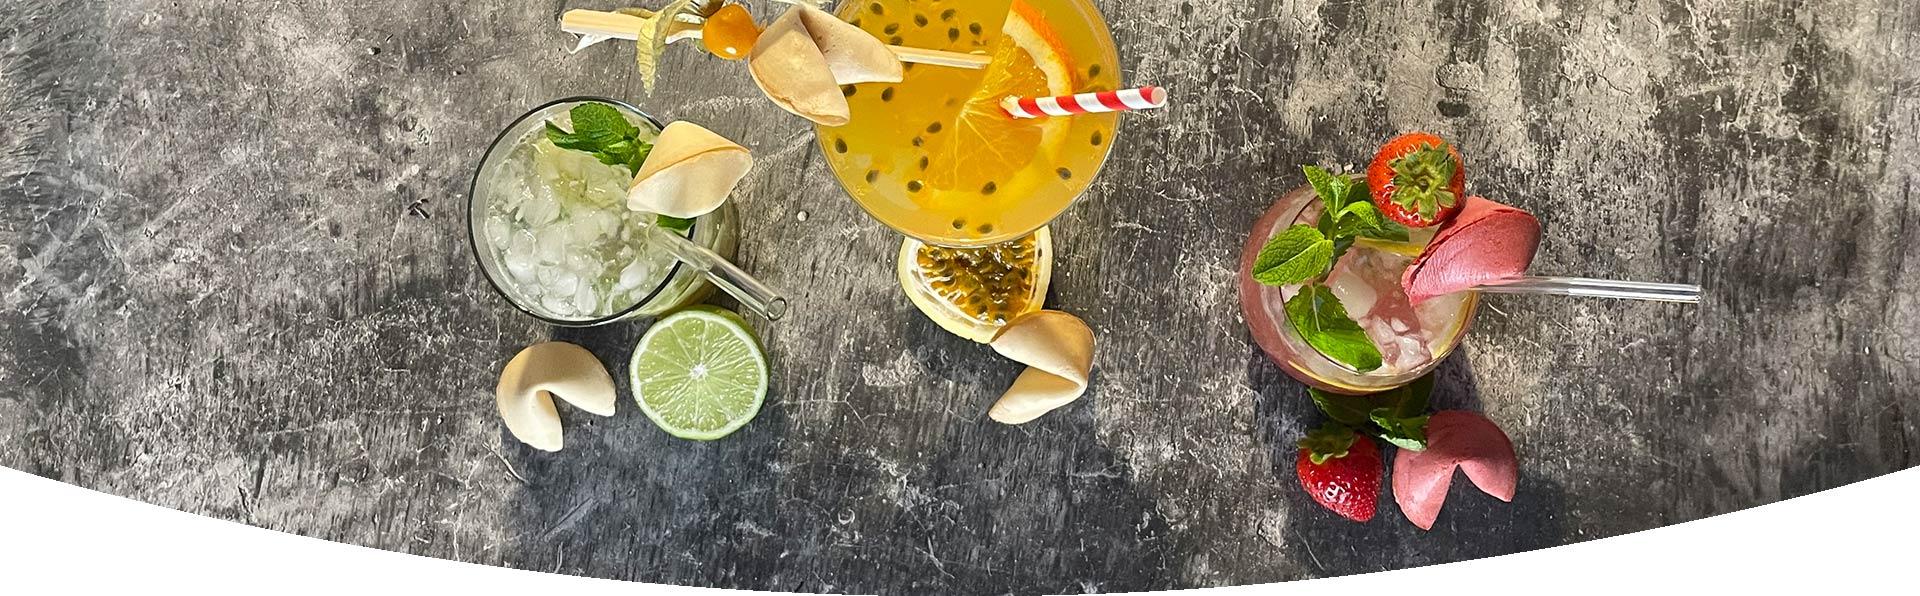 Cocktails mit fruchtigen Glückskeksen